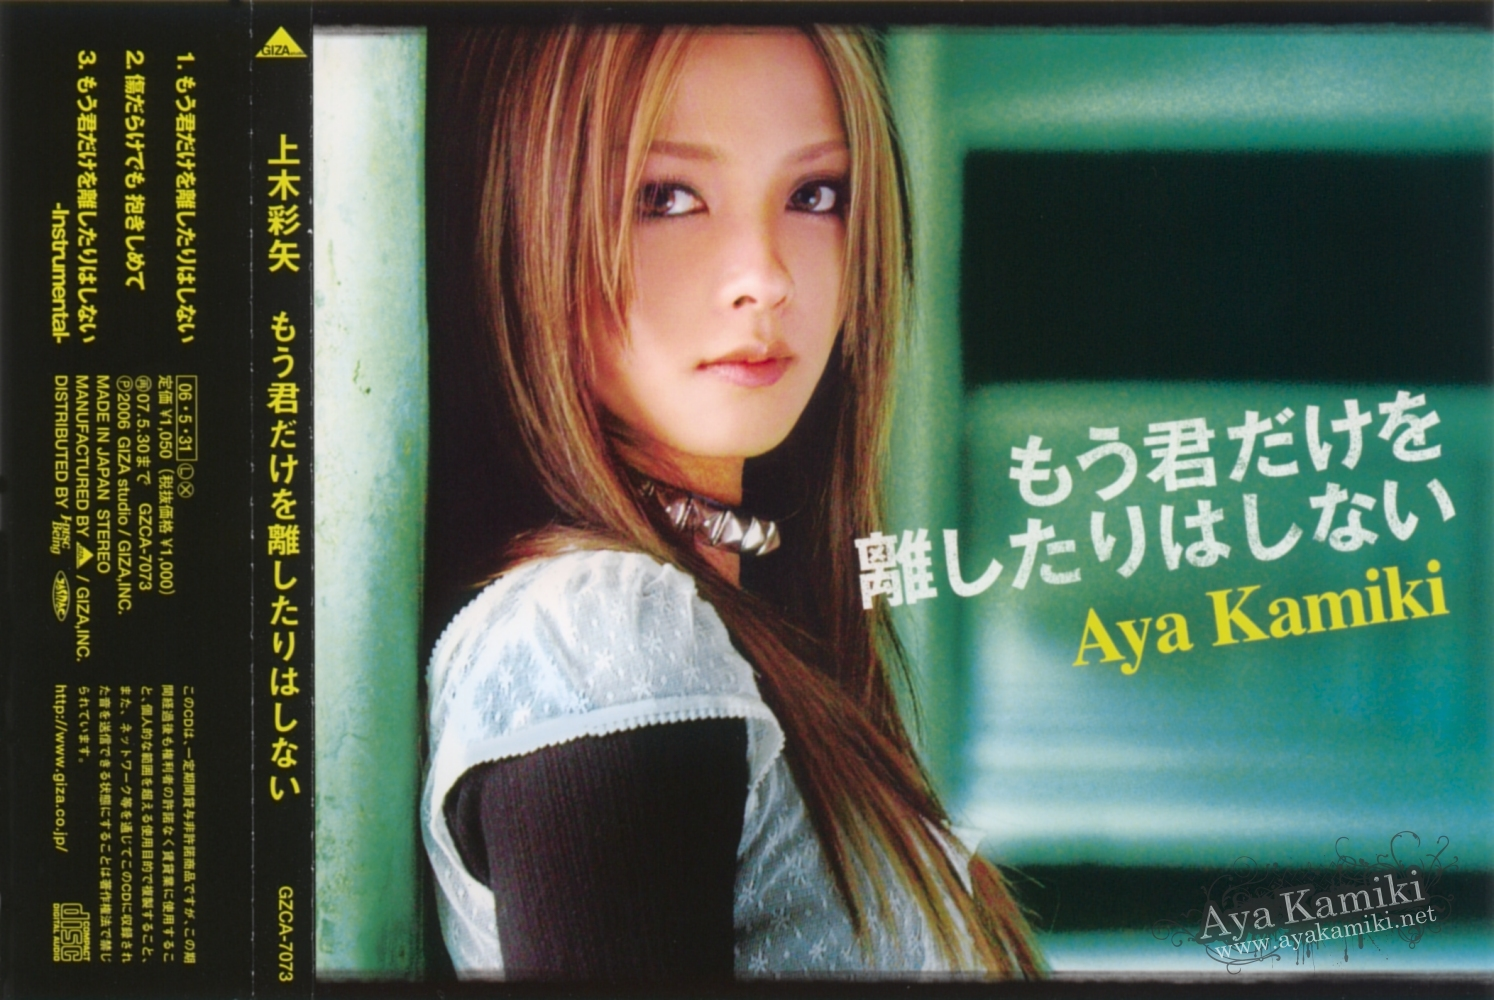 Aya Kamiki Wbx Credit Aya Kamiki.net